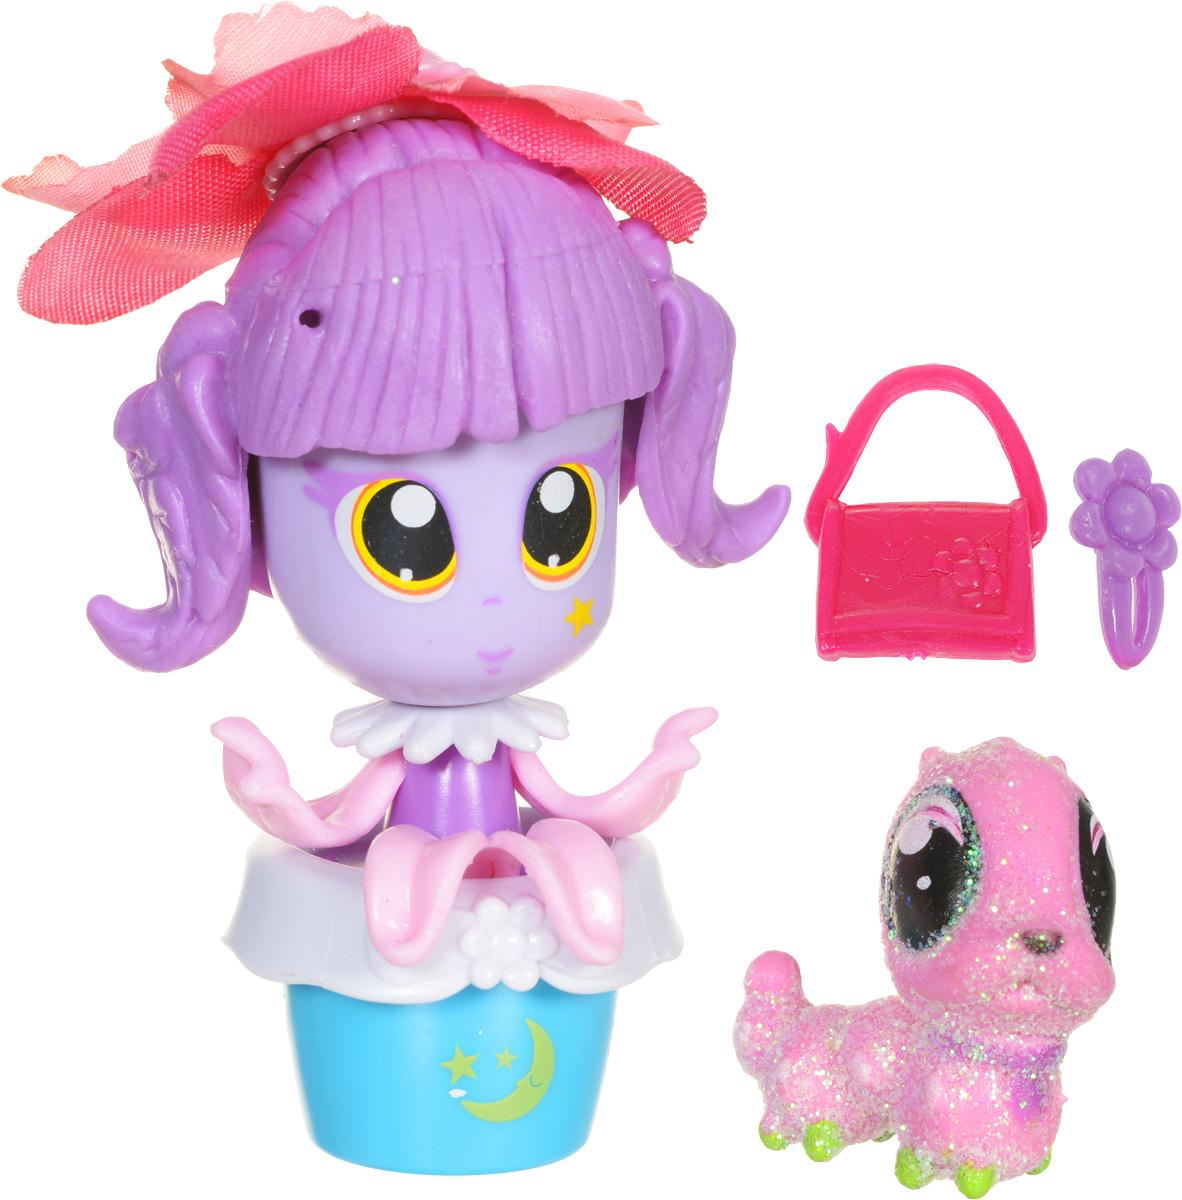 Daisy Мини-кукла Цветочек с питомцем цвет розовый сиреневый